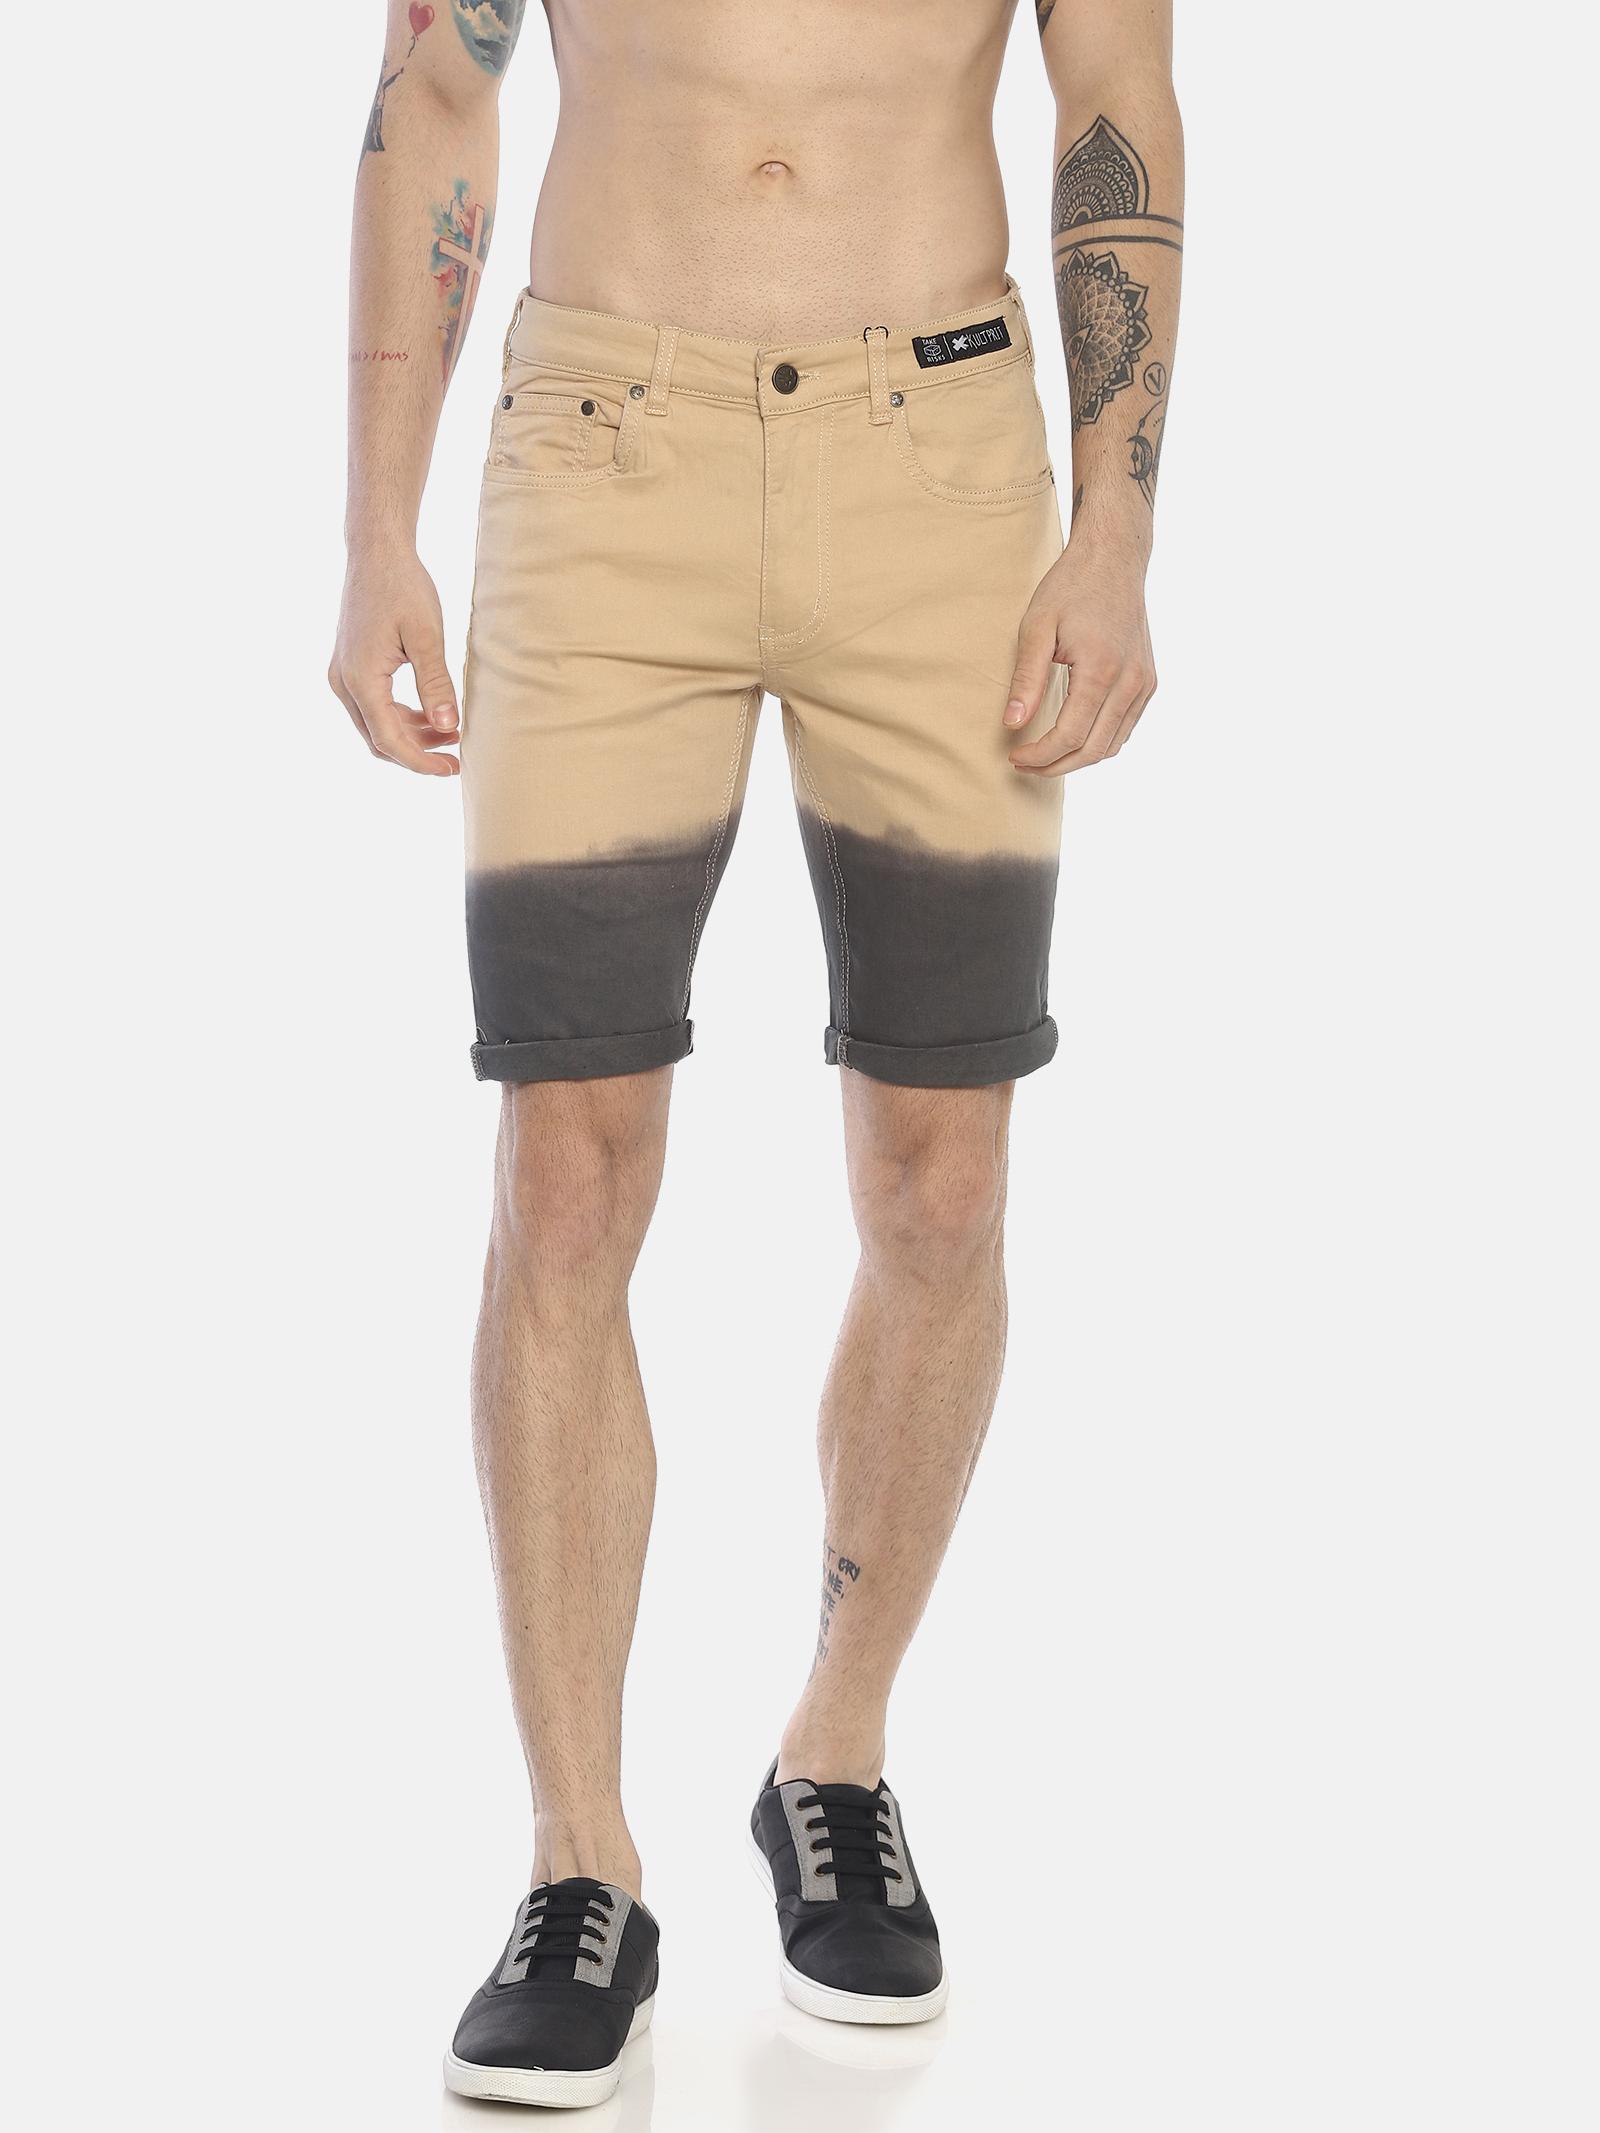 KULTPRIT | Omber Wash Denim Shorts